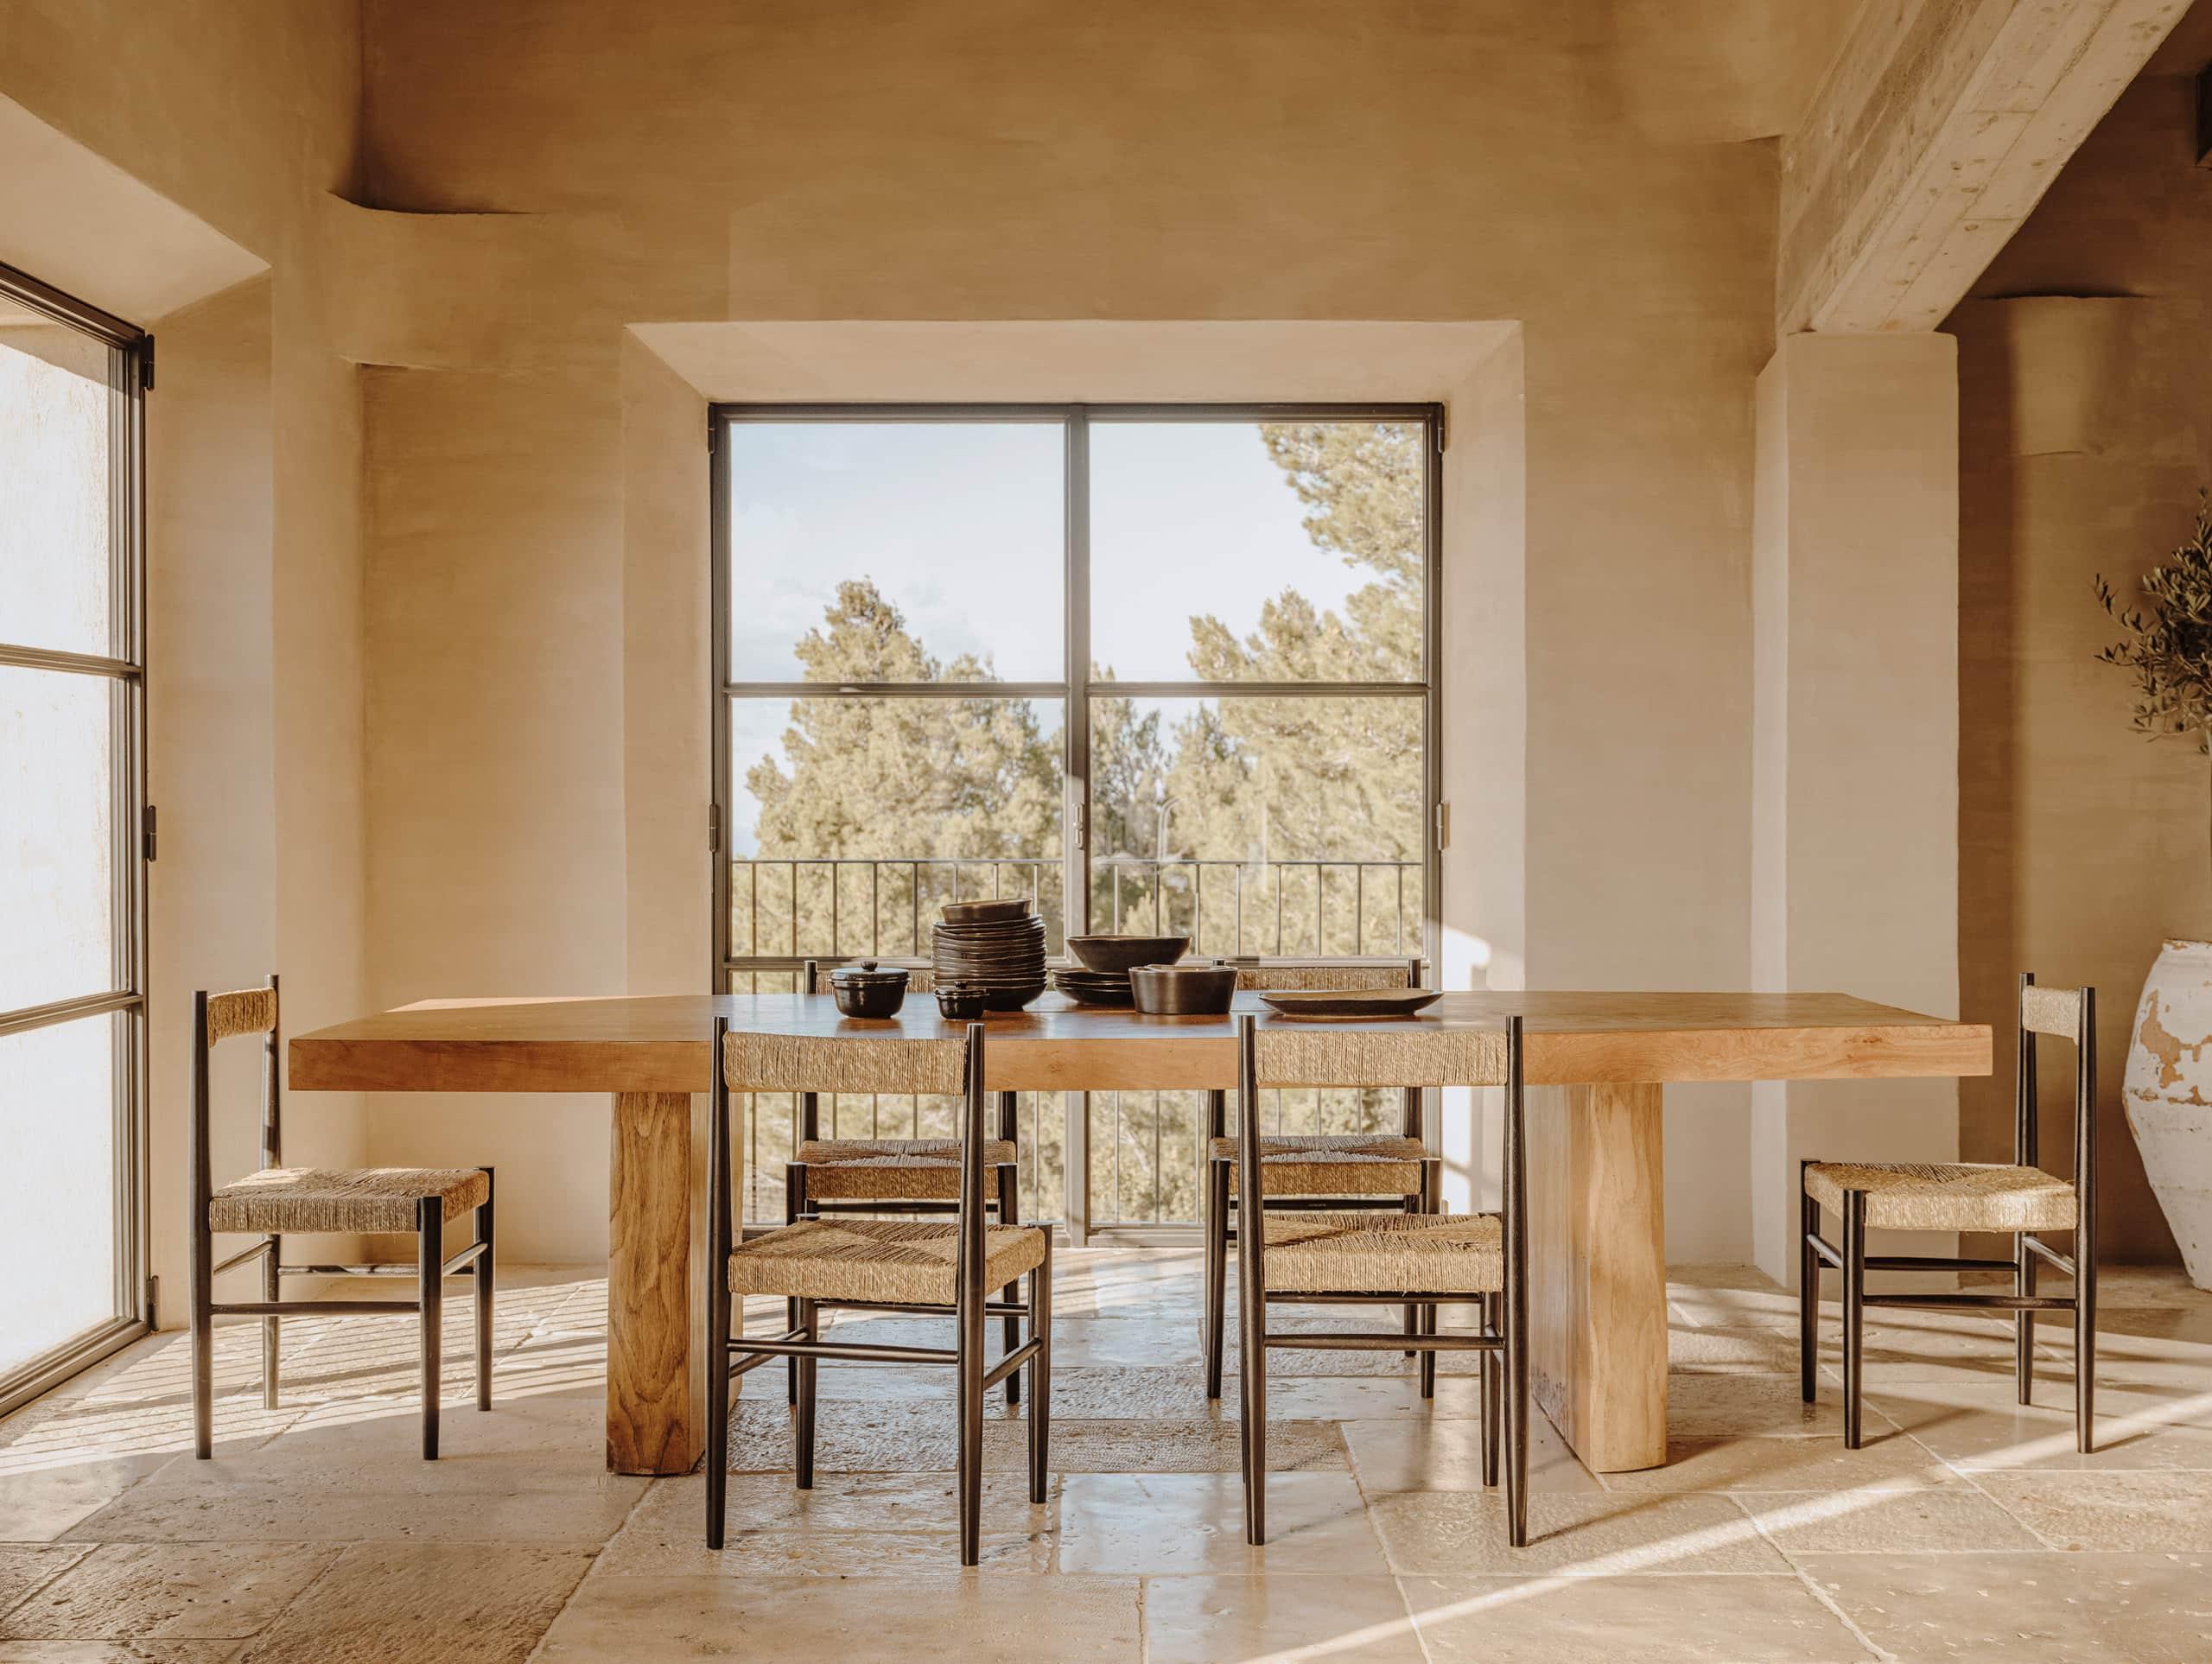 interior designer, interior design, design edit, interior decoration, interior recommendations, interiors blog, interior design finds